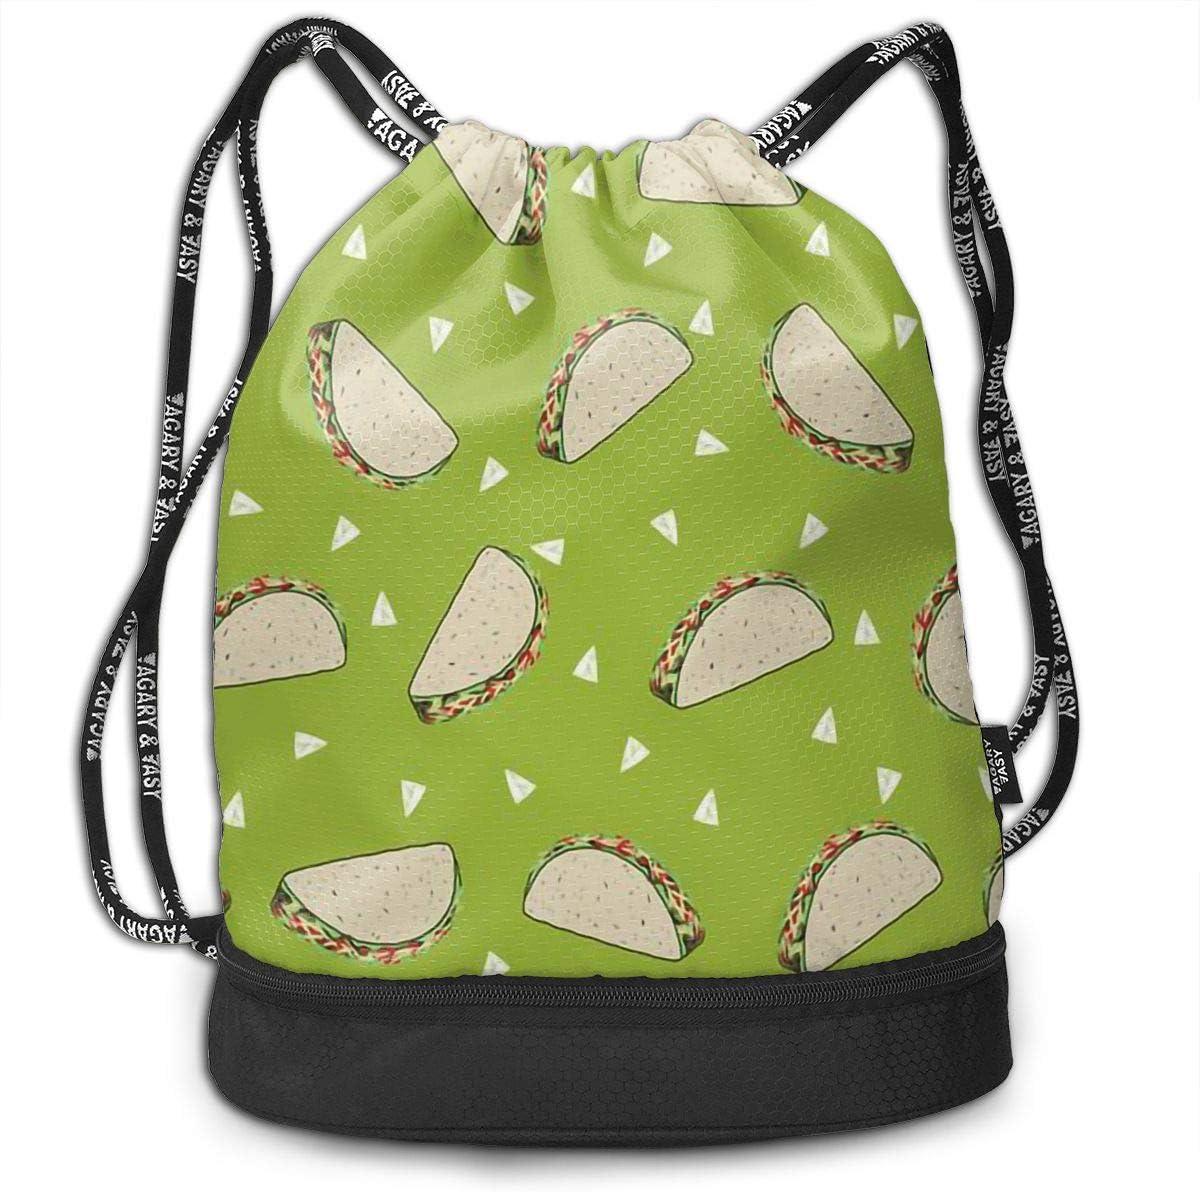 Drawstring Backpack Taco Shoulder Bags